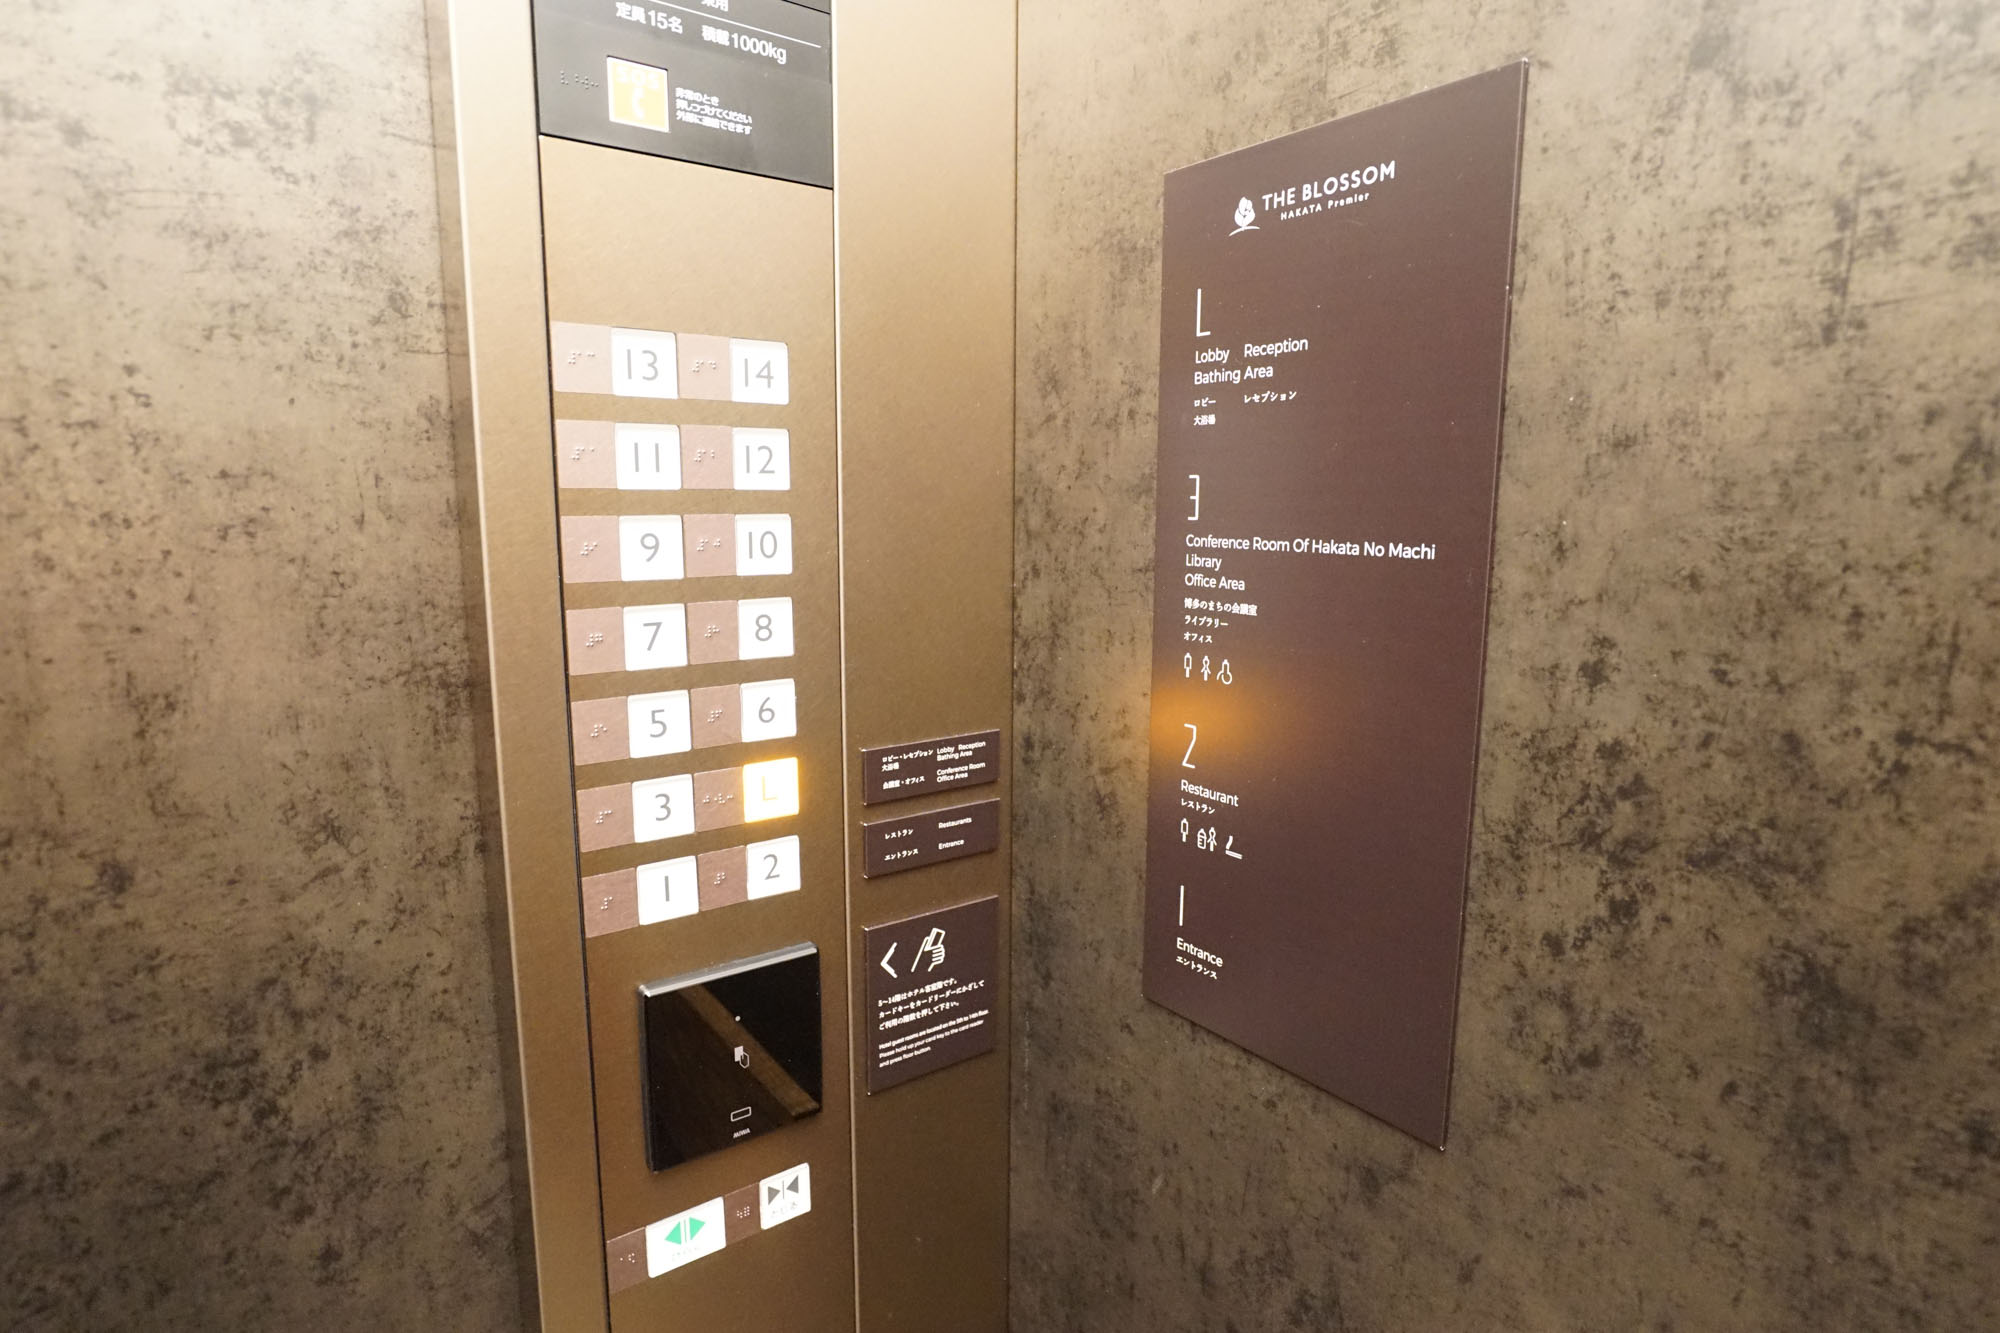 エレベーターは客室カードキーで停止階を制御するタイプ。